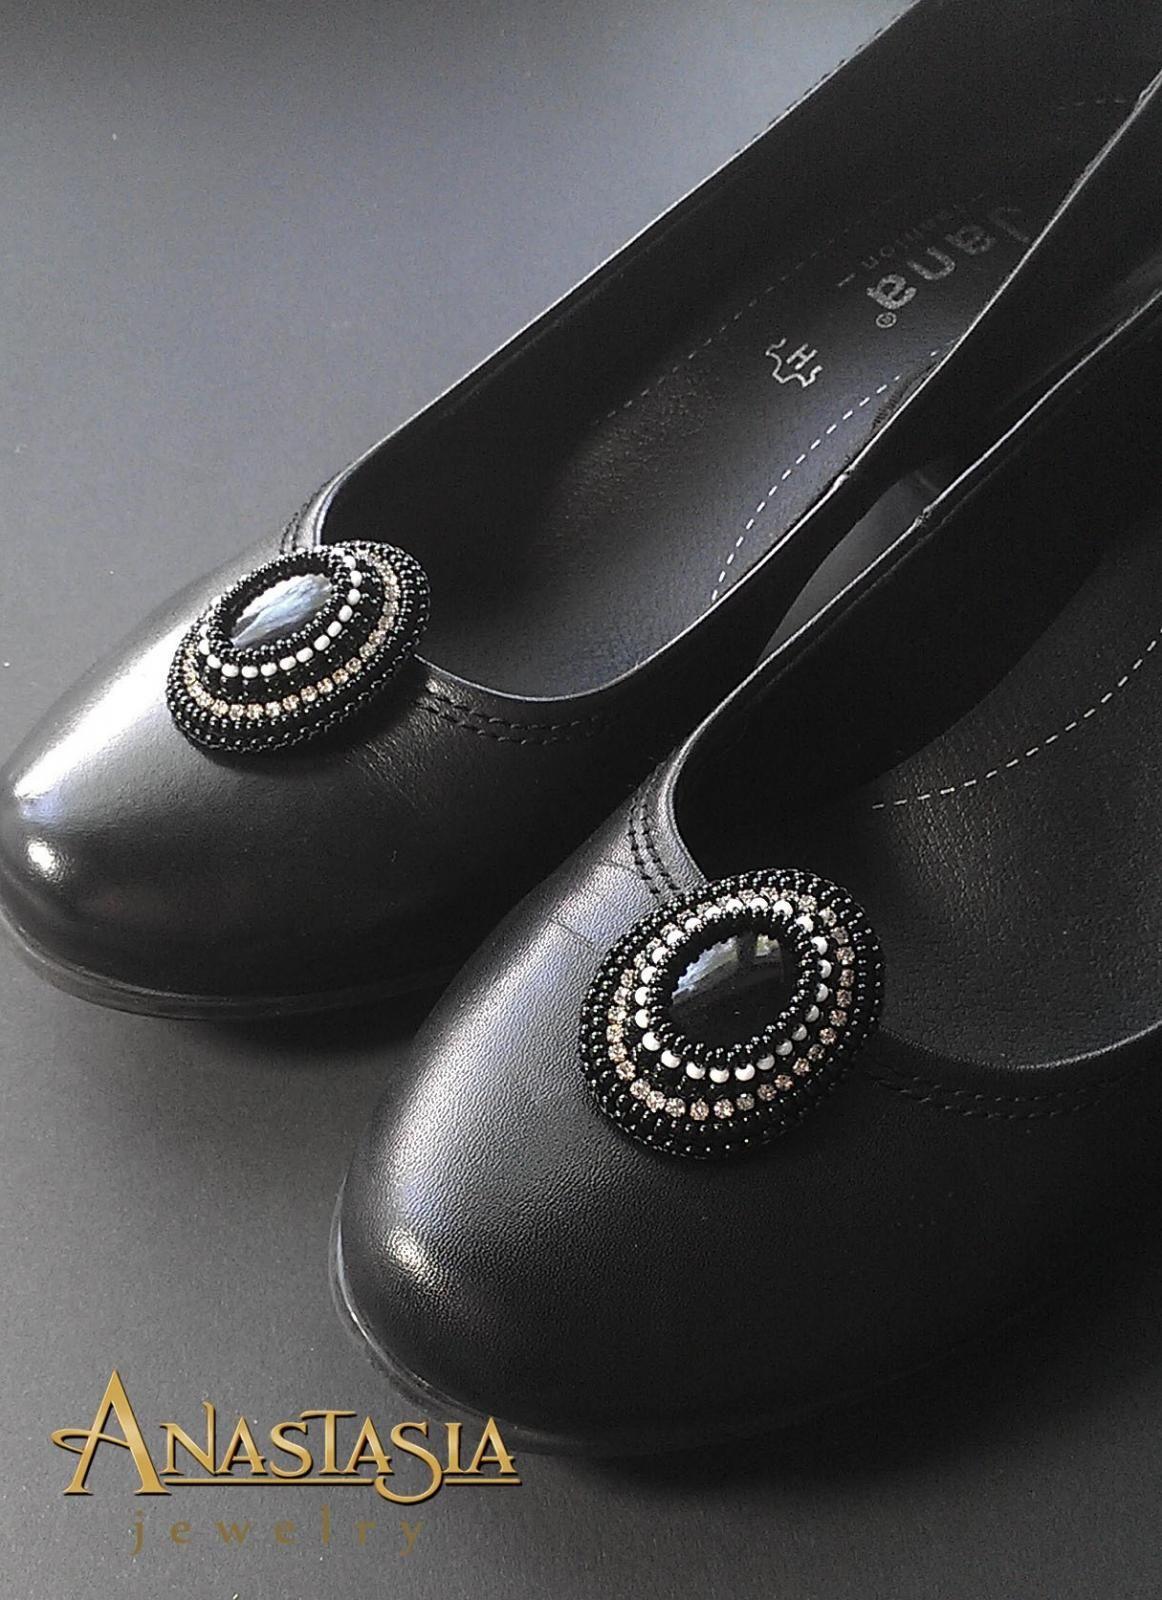 Создаем красивые клипсы для туфель в технике вышивка бисером | biser.info - всё о бисере и бисерном творчестве